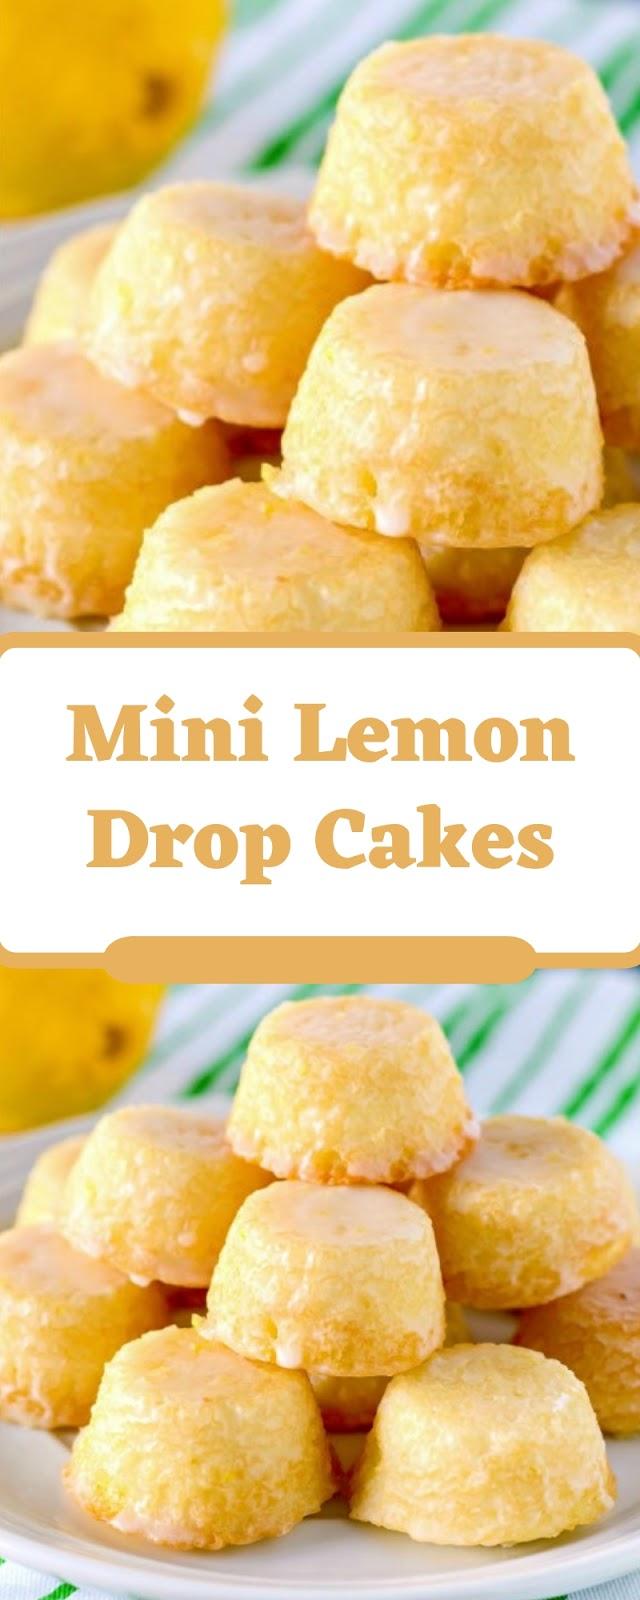 Mini Lemon Drop Cakes